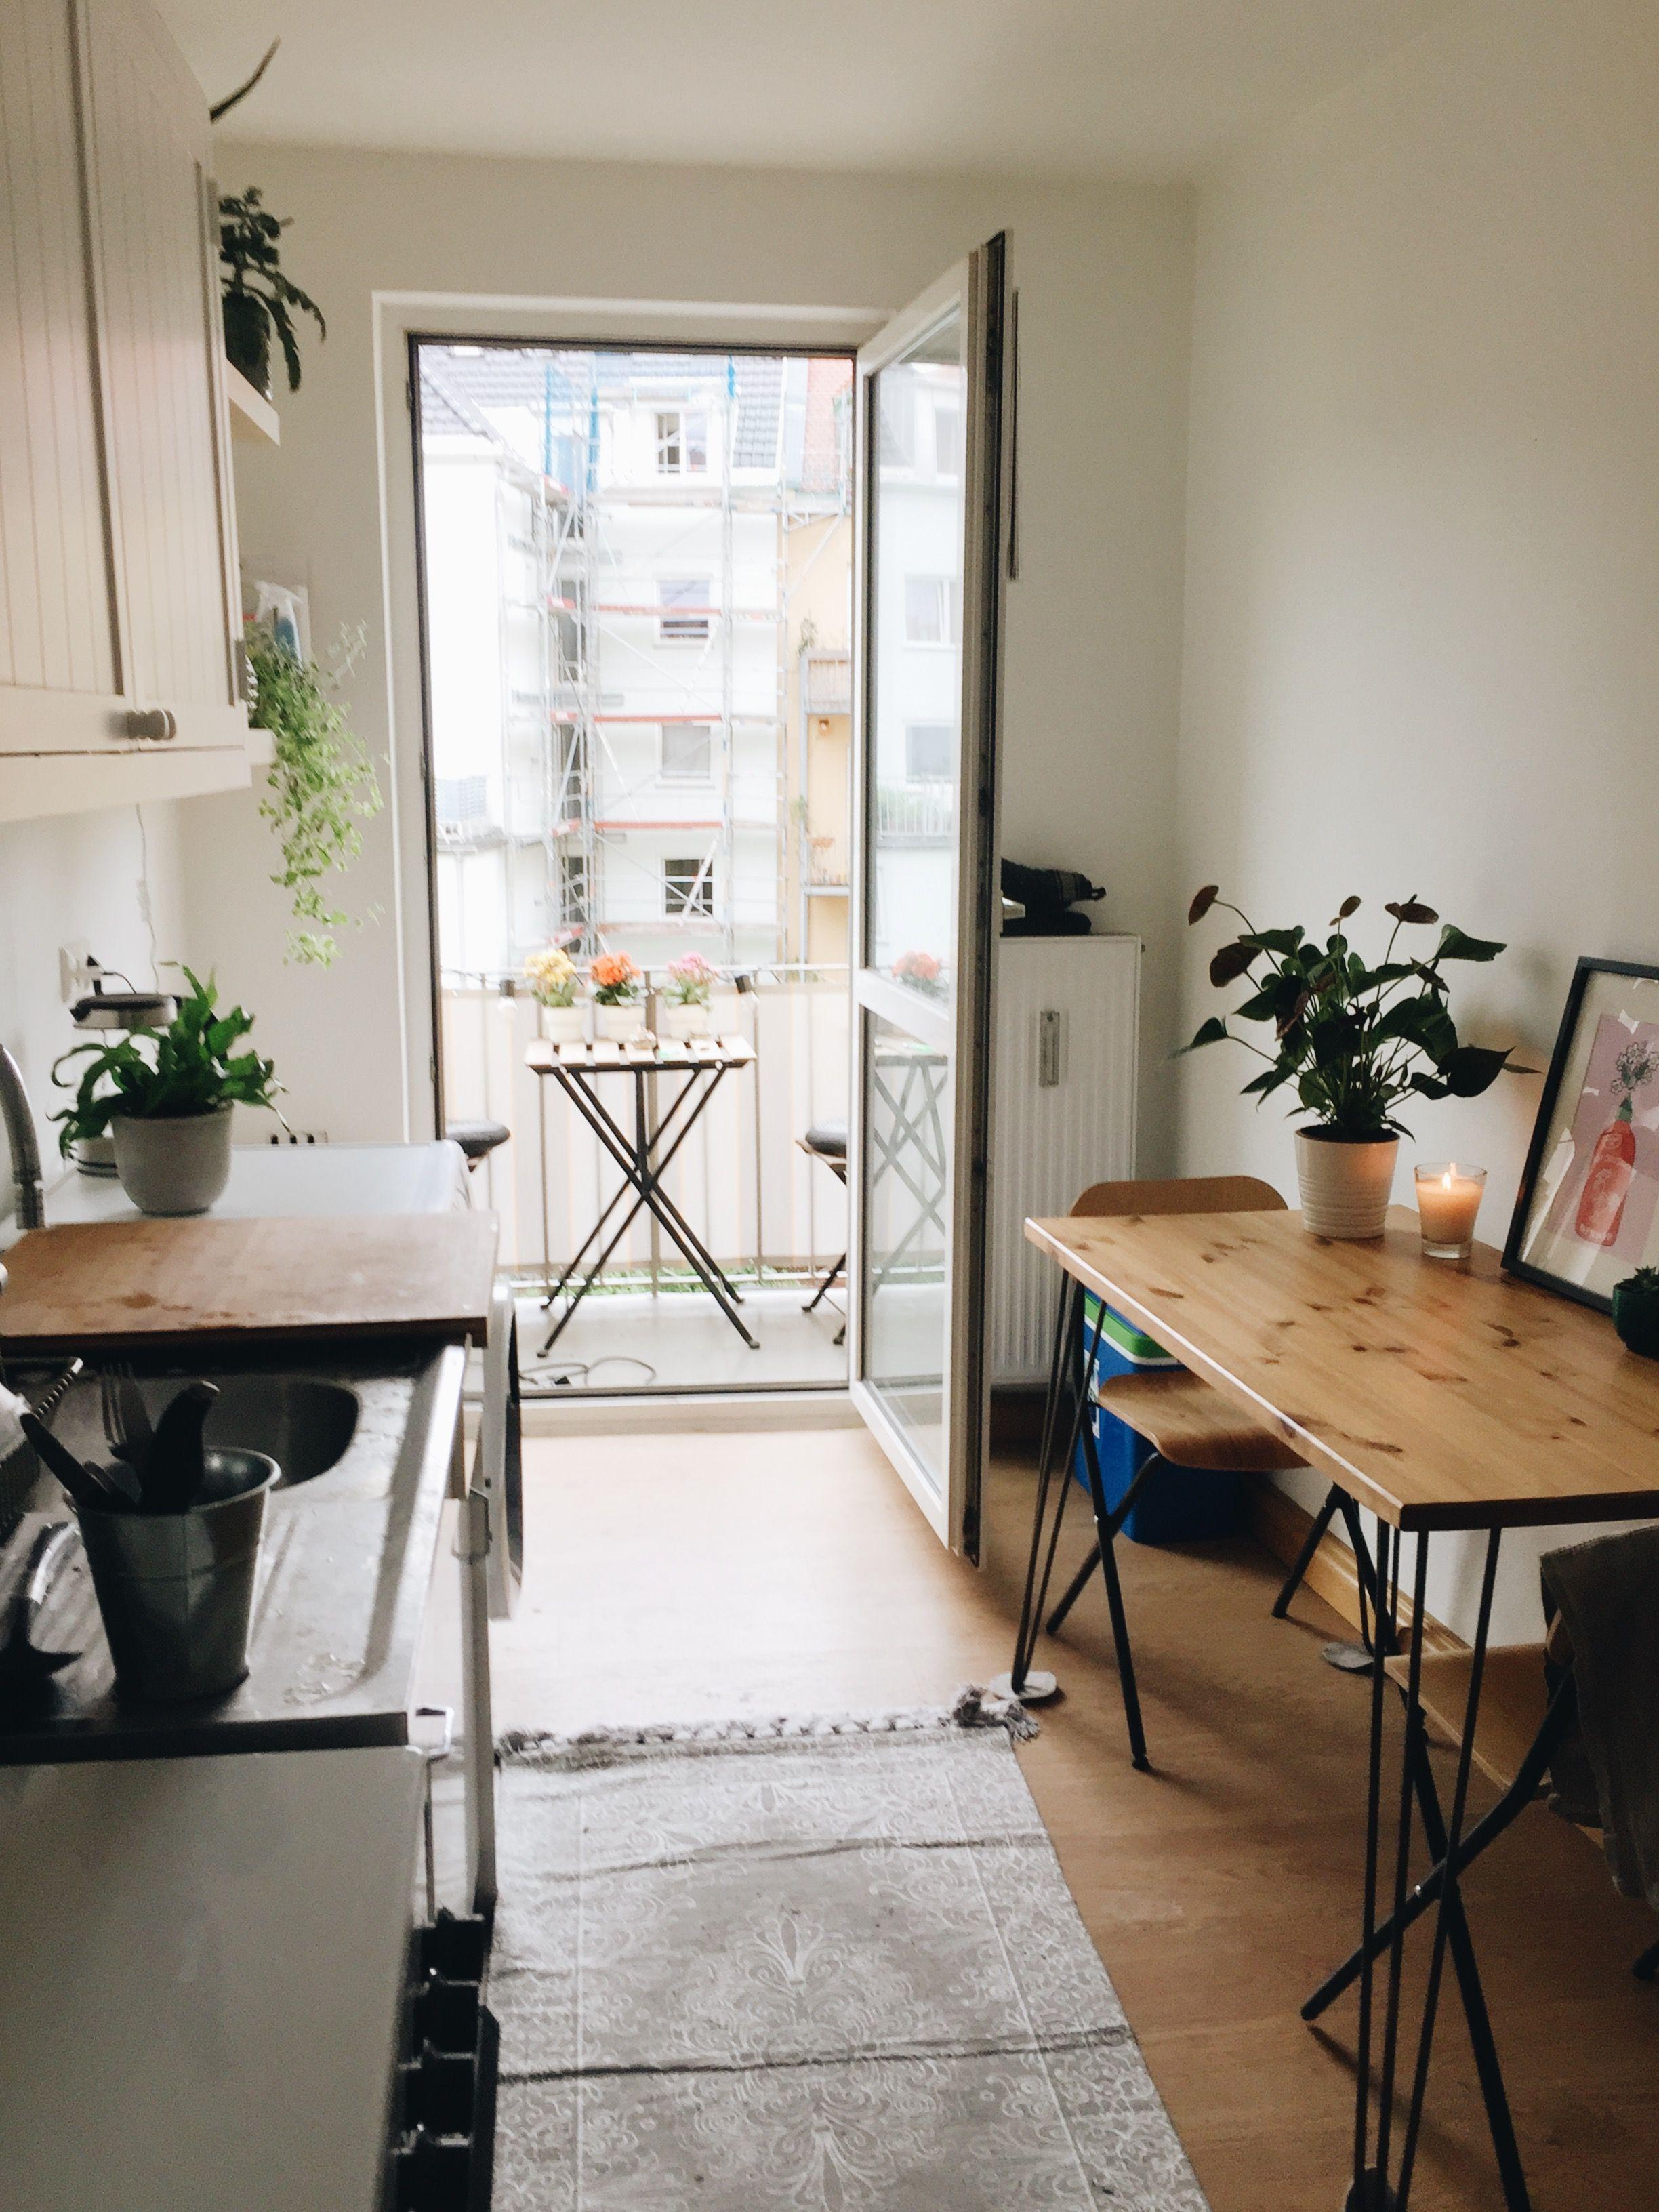 Susse Kuche Mit Balkon Wg Zimmer Zimmer Zimmer Dekor Ideen